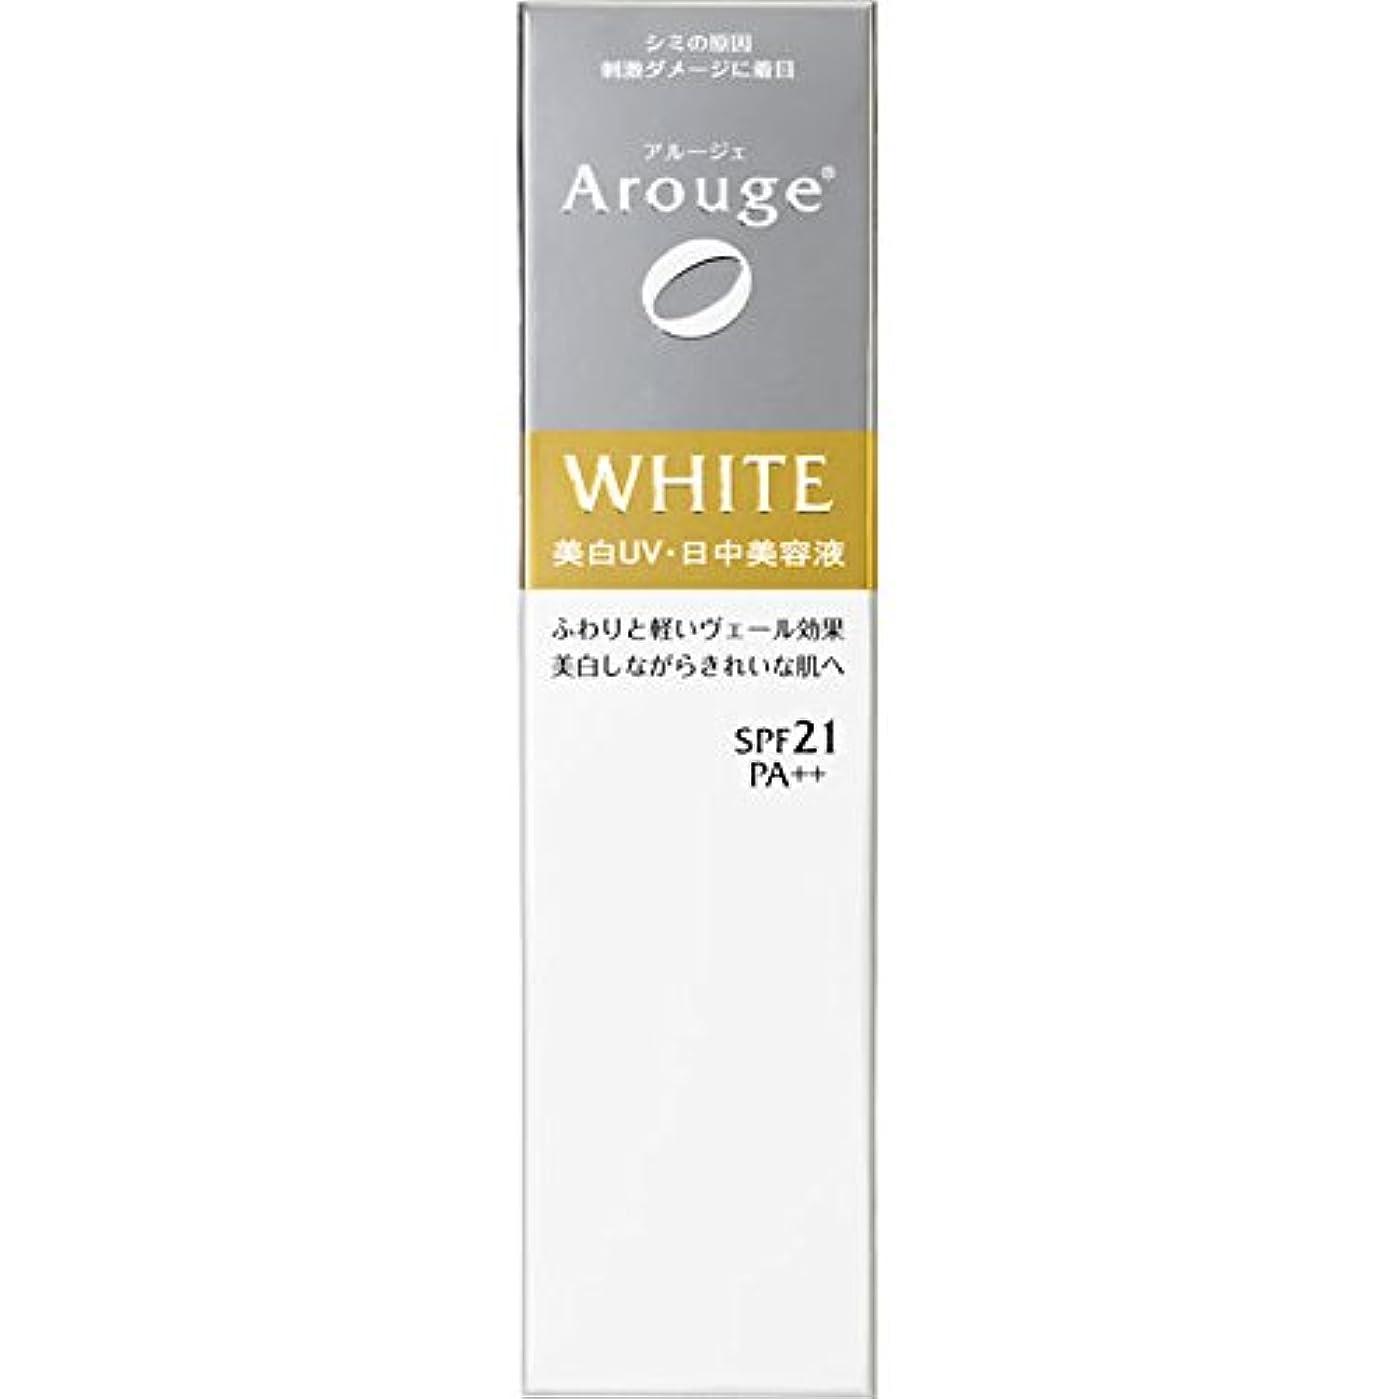 割り当てクルーズ批判的アルージェ ホワイトニング UVデイエッセンス 30g (美白UV日中美容液)